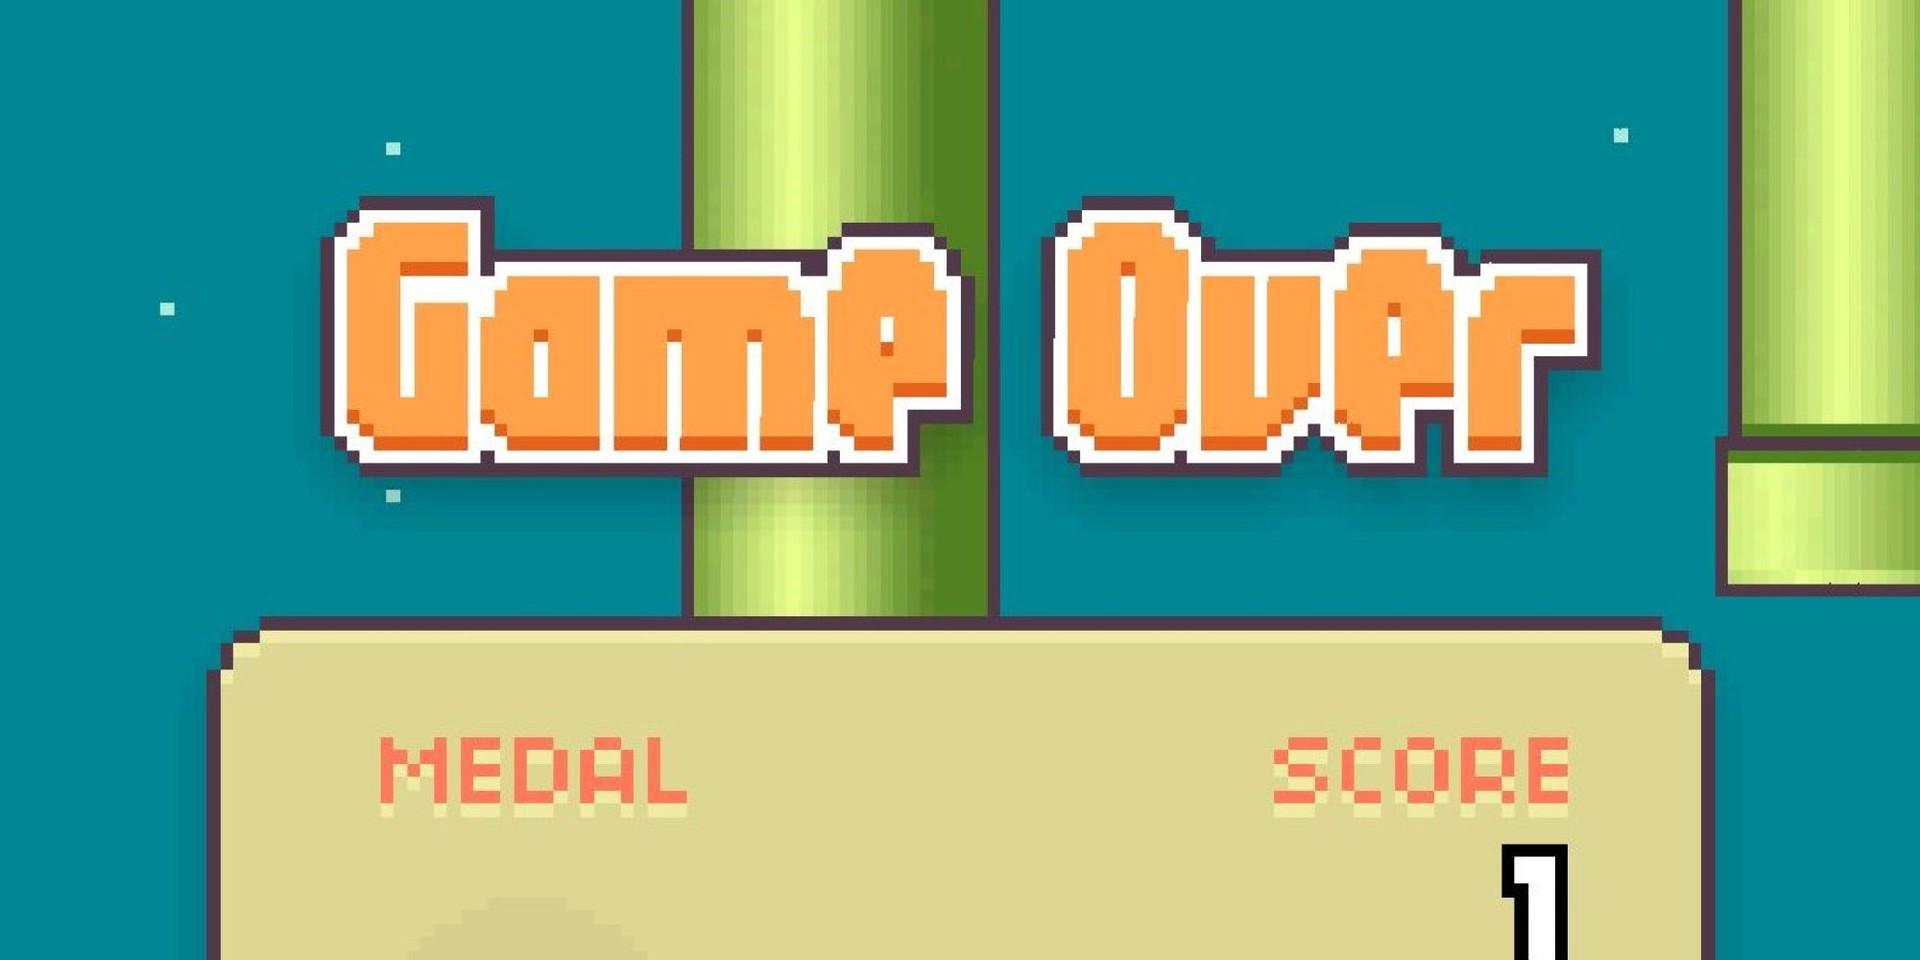 Игра Flappy Bird была удалена ради спасения жизни людей: «Live fast, die young»